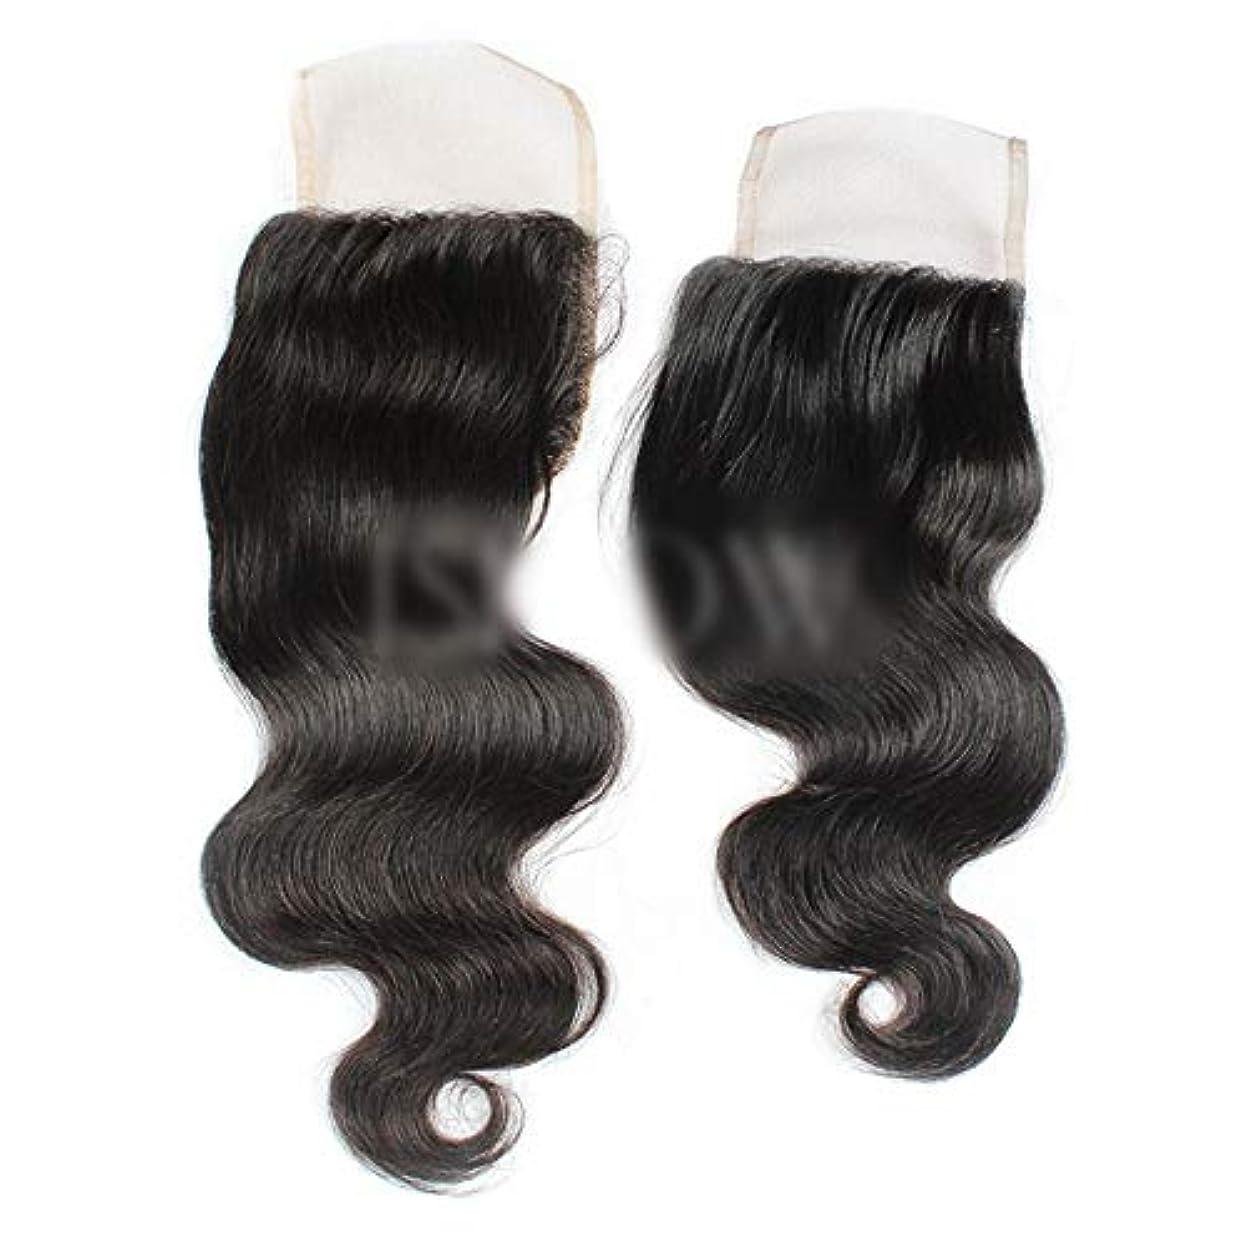 株式アクセス急性BOBIDYEE ブラジル実体波無料パート4×4レース前頭閉鎖人間の髪の毛の自然な黒い色(8インチ-20インチ)合成髪レースかつらロールプレイングかつらロングとショートの女性自然 (色 : 黒, サイズ : 20 inch)